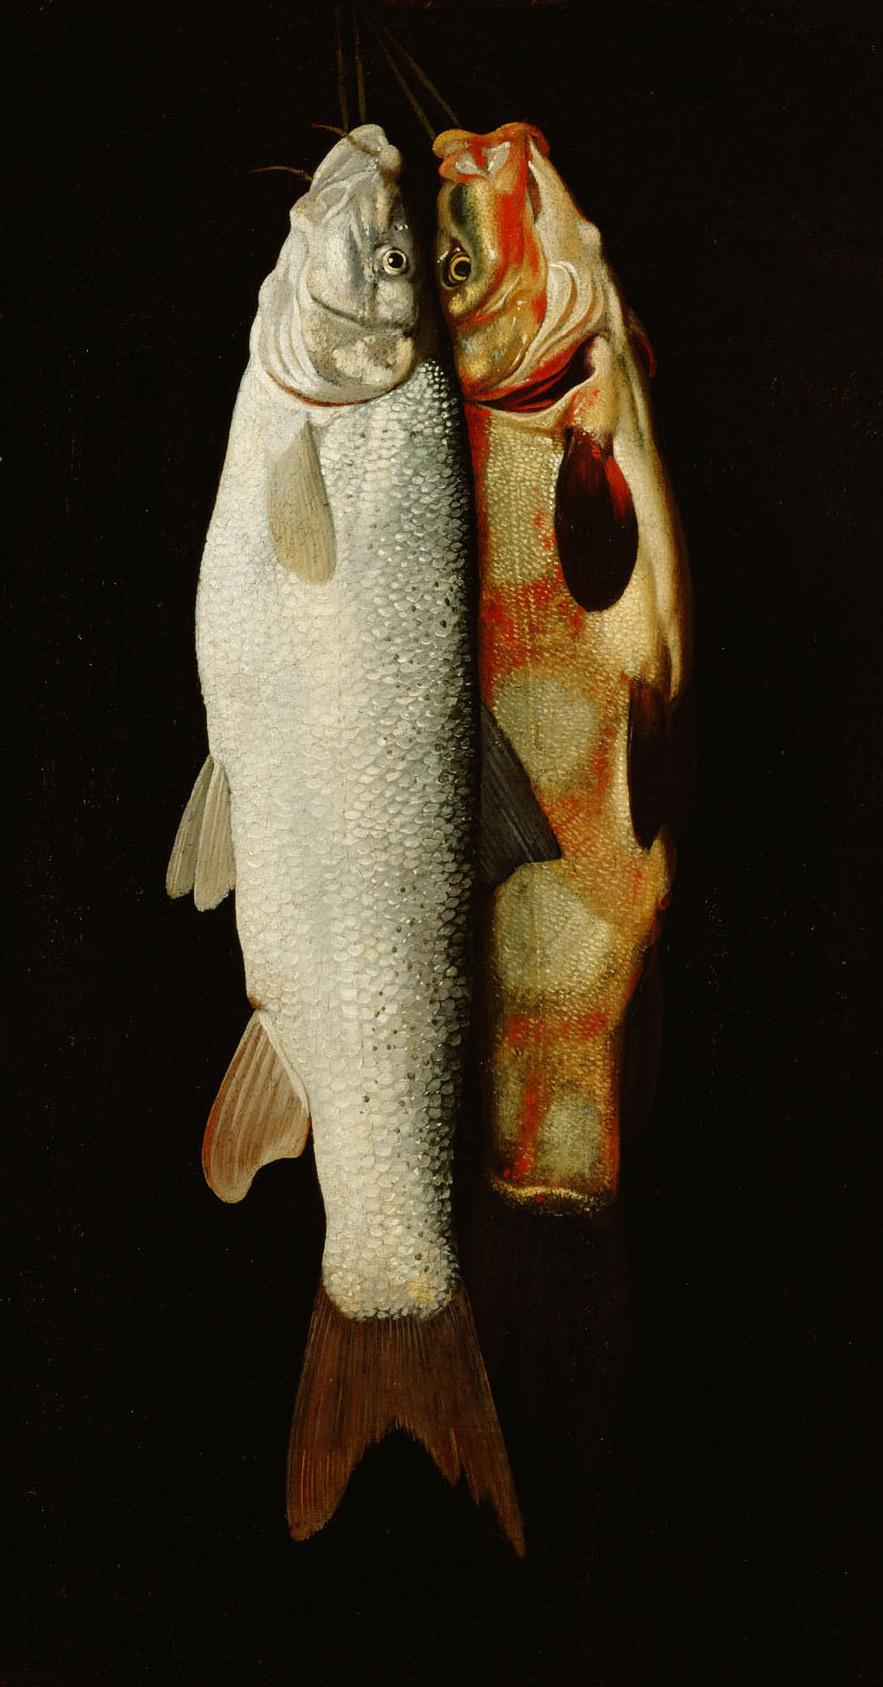 Fischstilleben von Sebastian Stoskopff